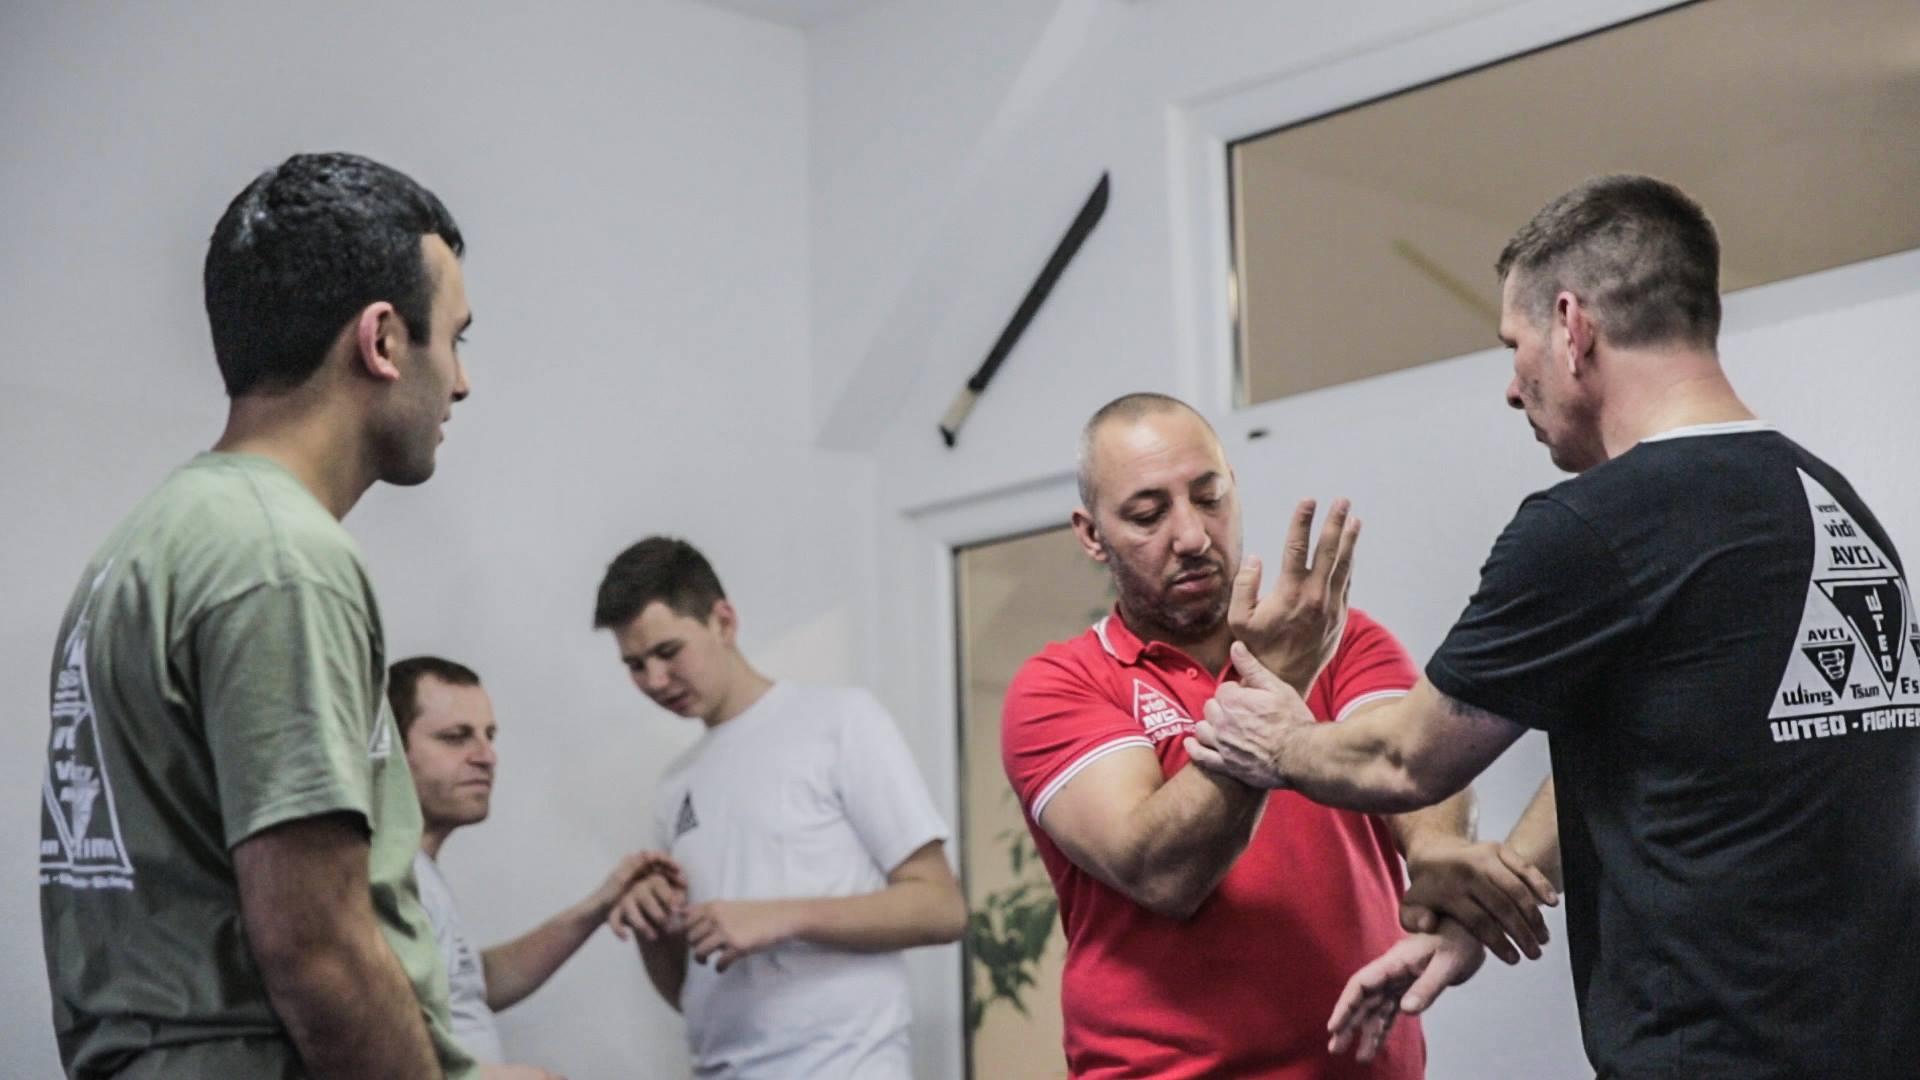 Avci System Trainer wird am Handgelenk gehalten